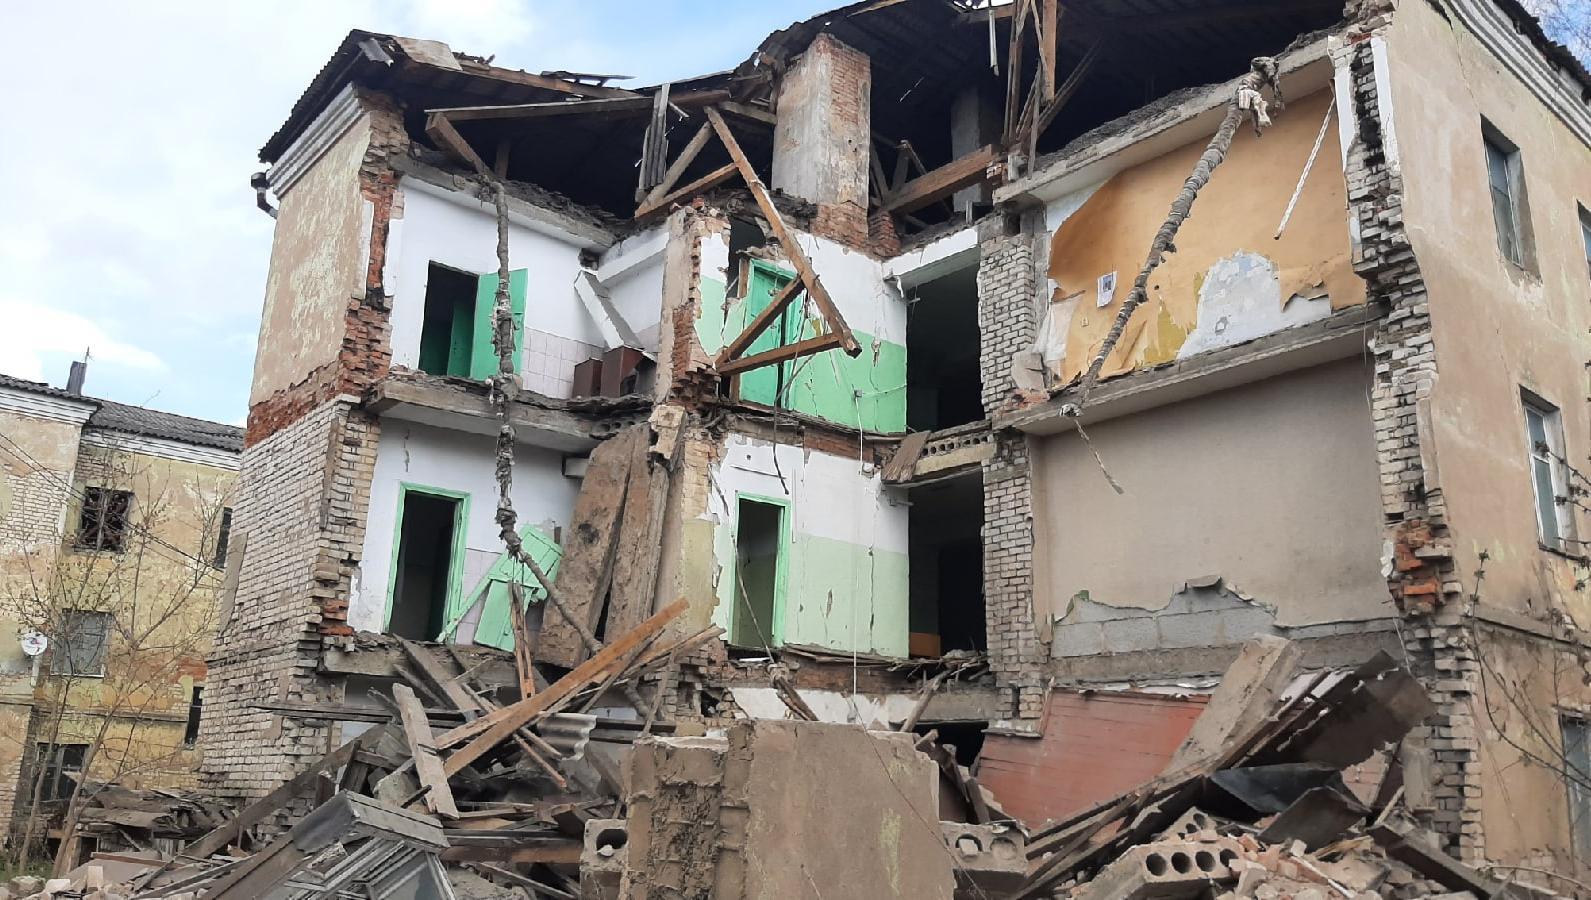 В Ржеве у обрушившегося общежития закрыто движение - новости Афанасий